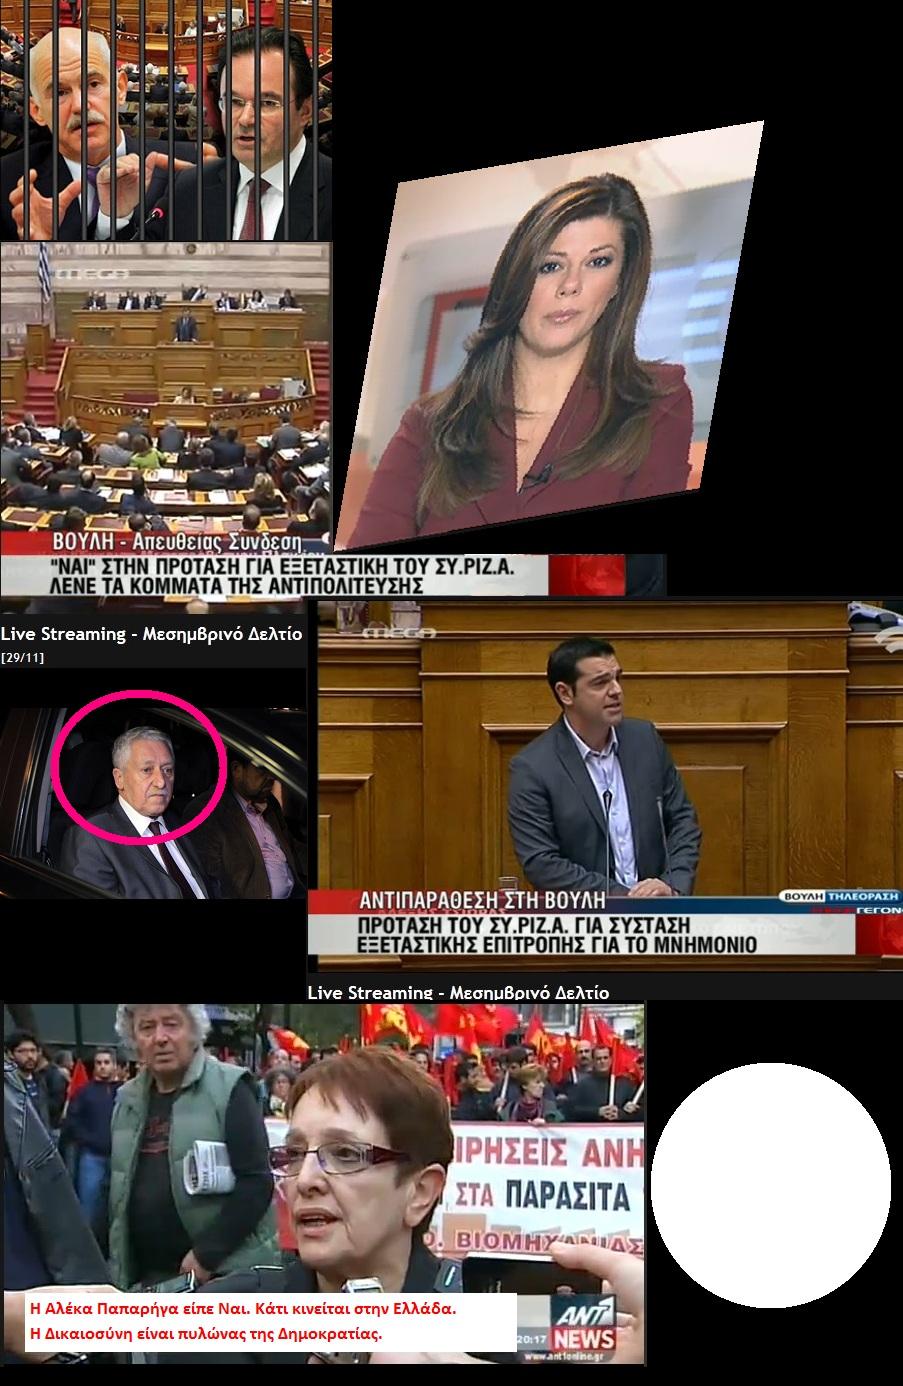 ELLADA SYRIZA EKSETASTIKH GIA MNHMONIO 04 291112